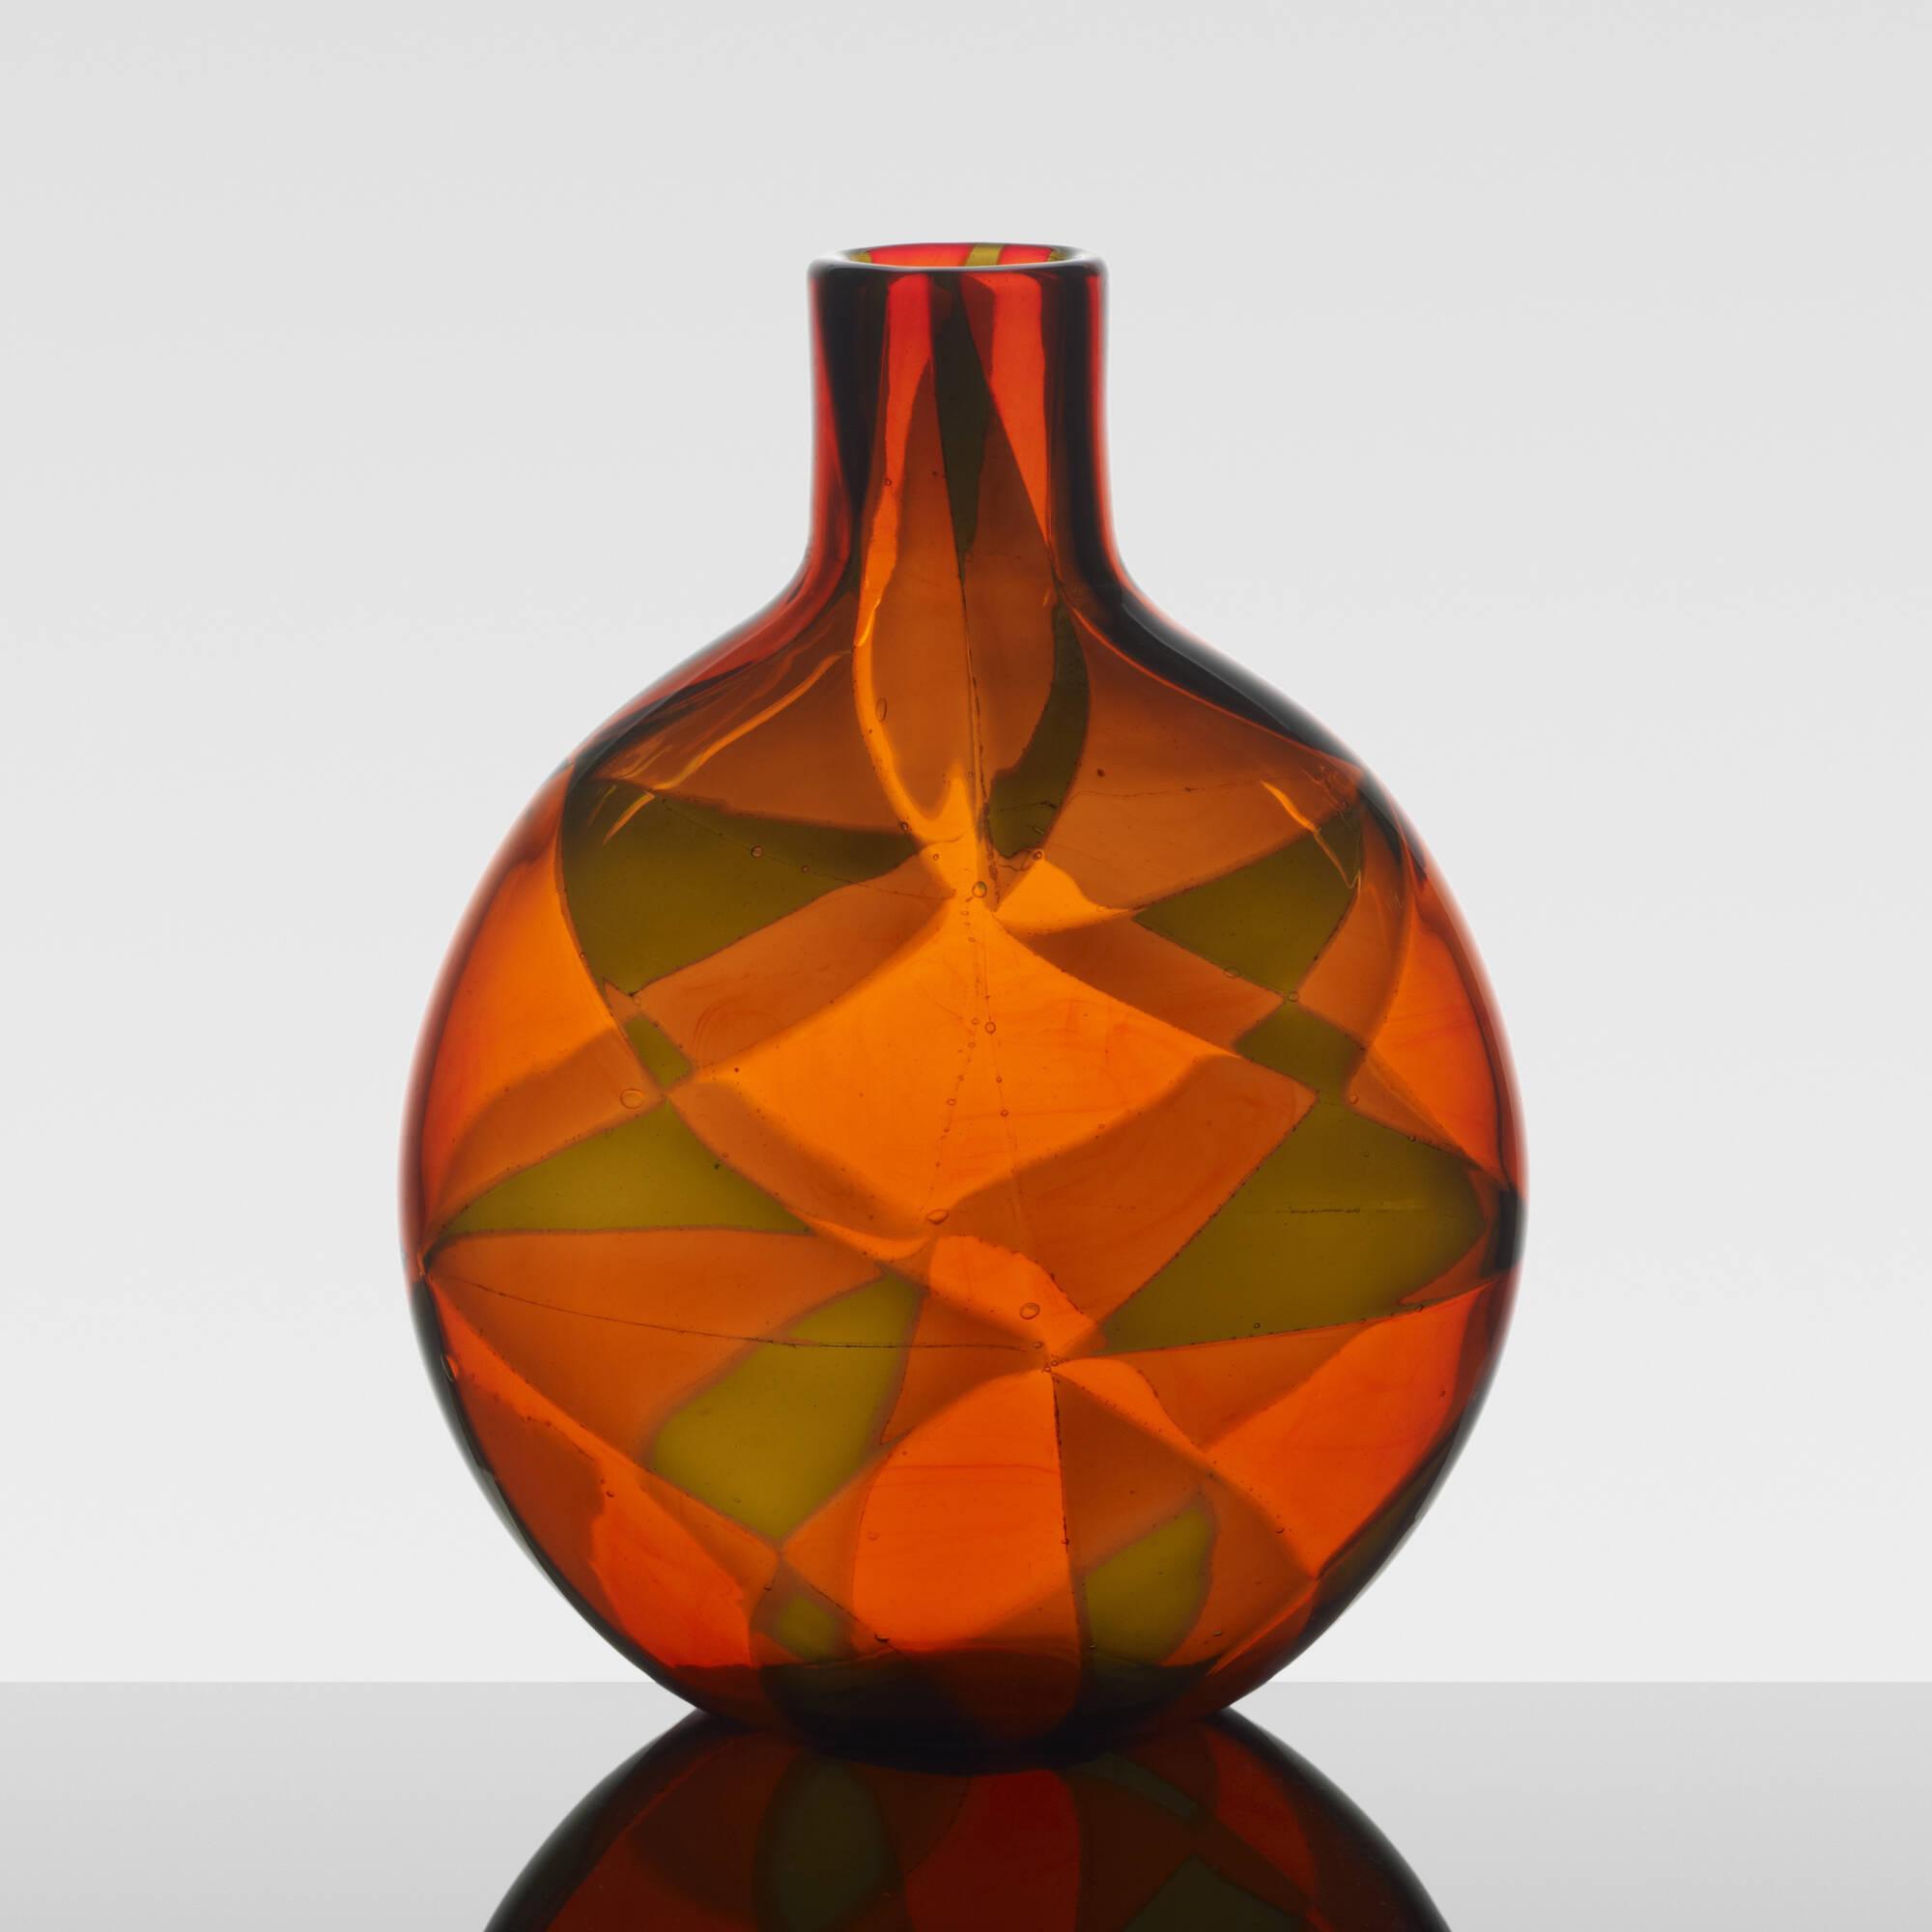 39: Ercole Barovier / Rare Intarsio vase (3 of 4)